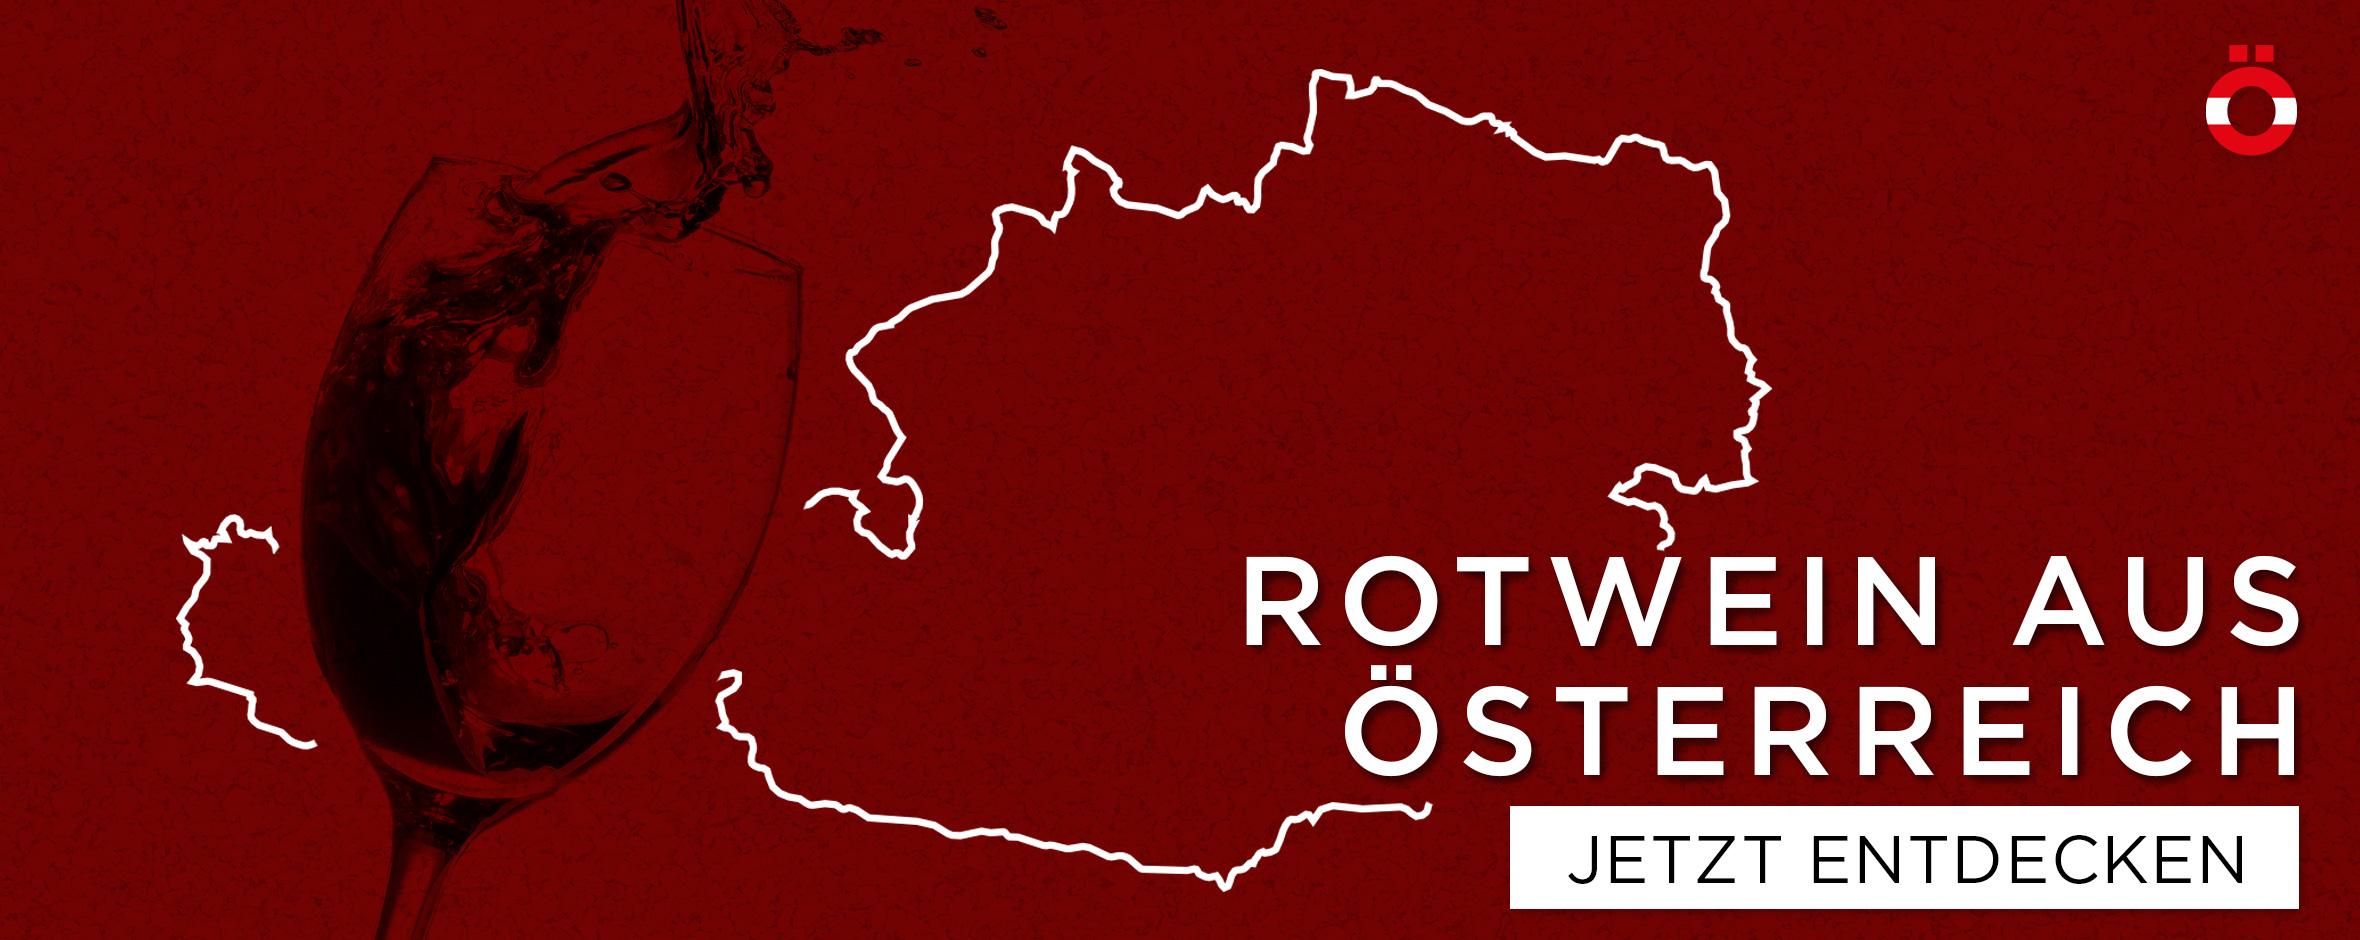 Rotwein aus Österreich - shöpping.at